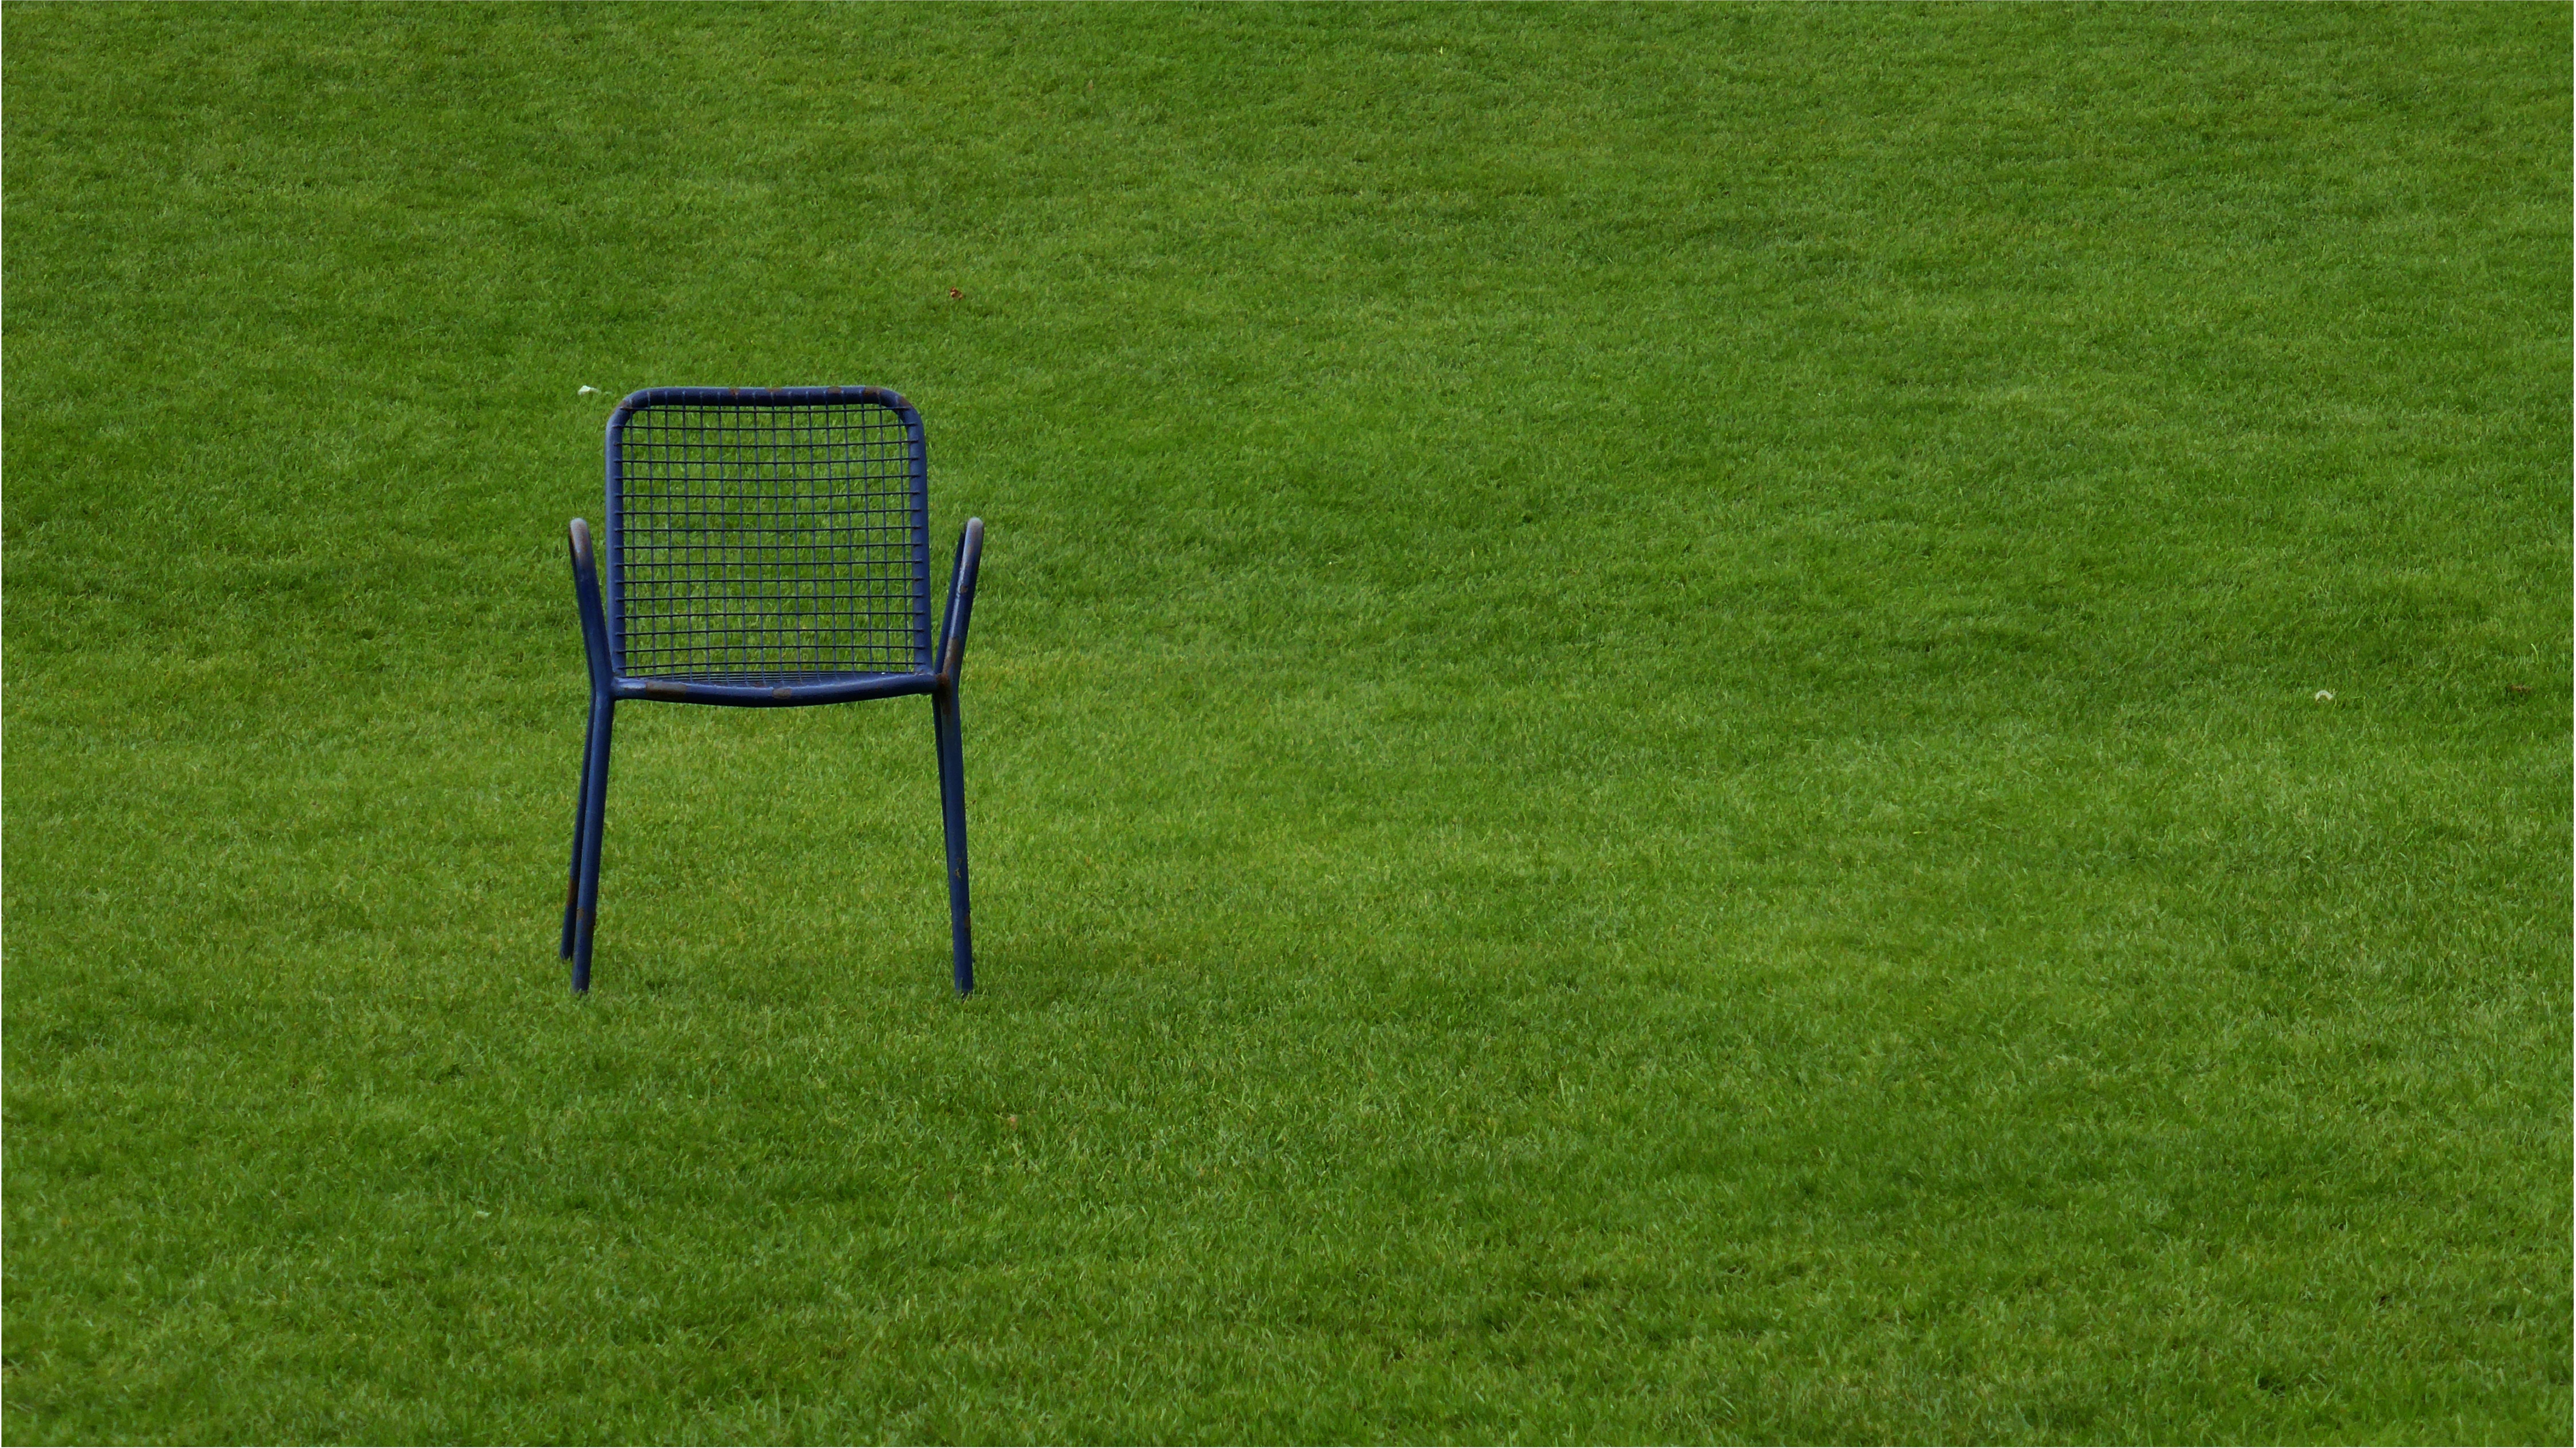 Fotos gratis : planta, prado, asiento, solo, verde, pastar, descanso ...